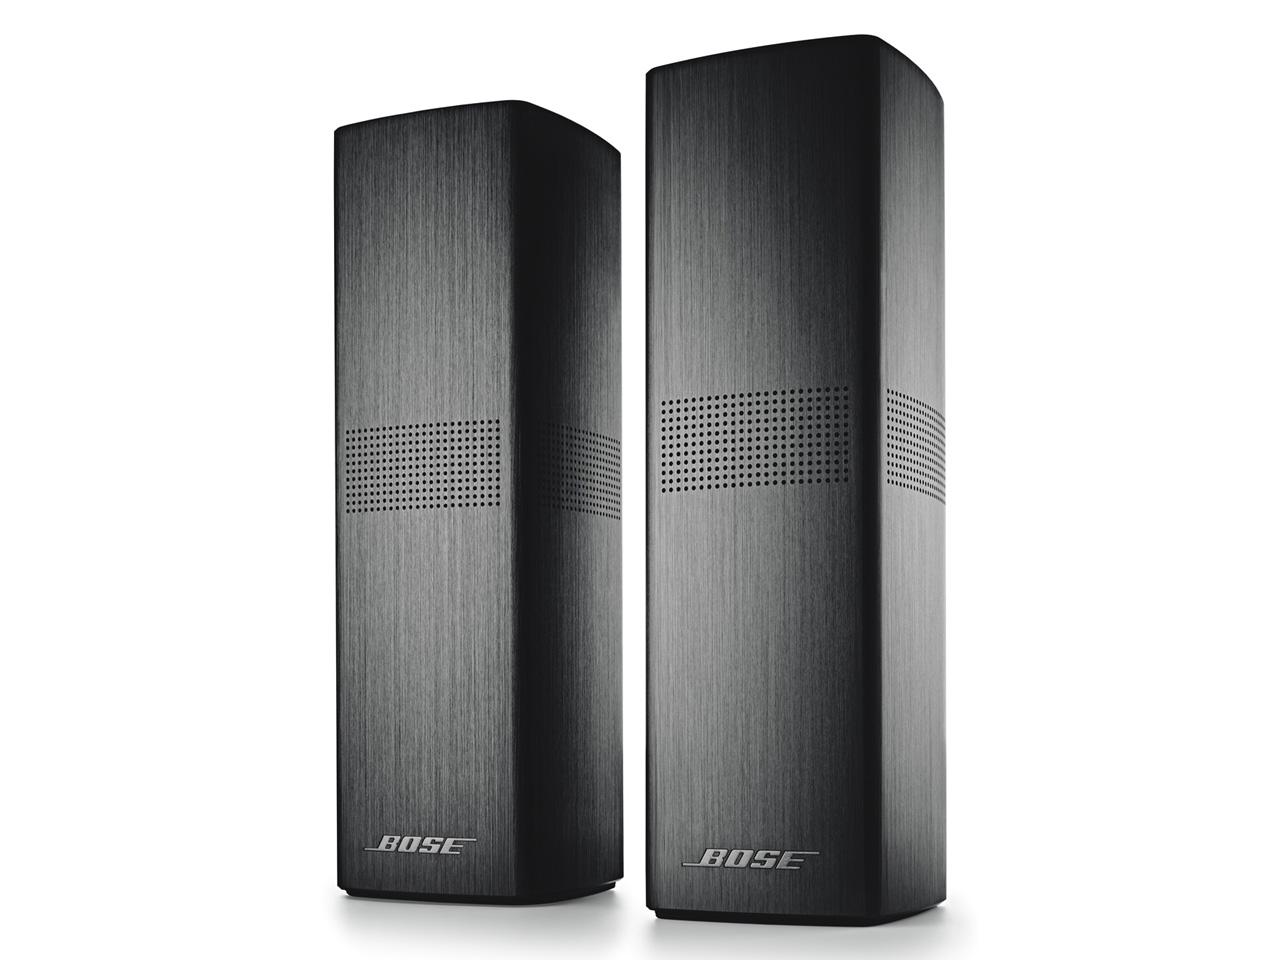 『サテライトスピーカー』 Lifestyle 650 home entertainment system の製品画像